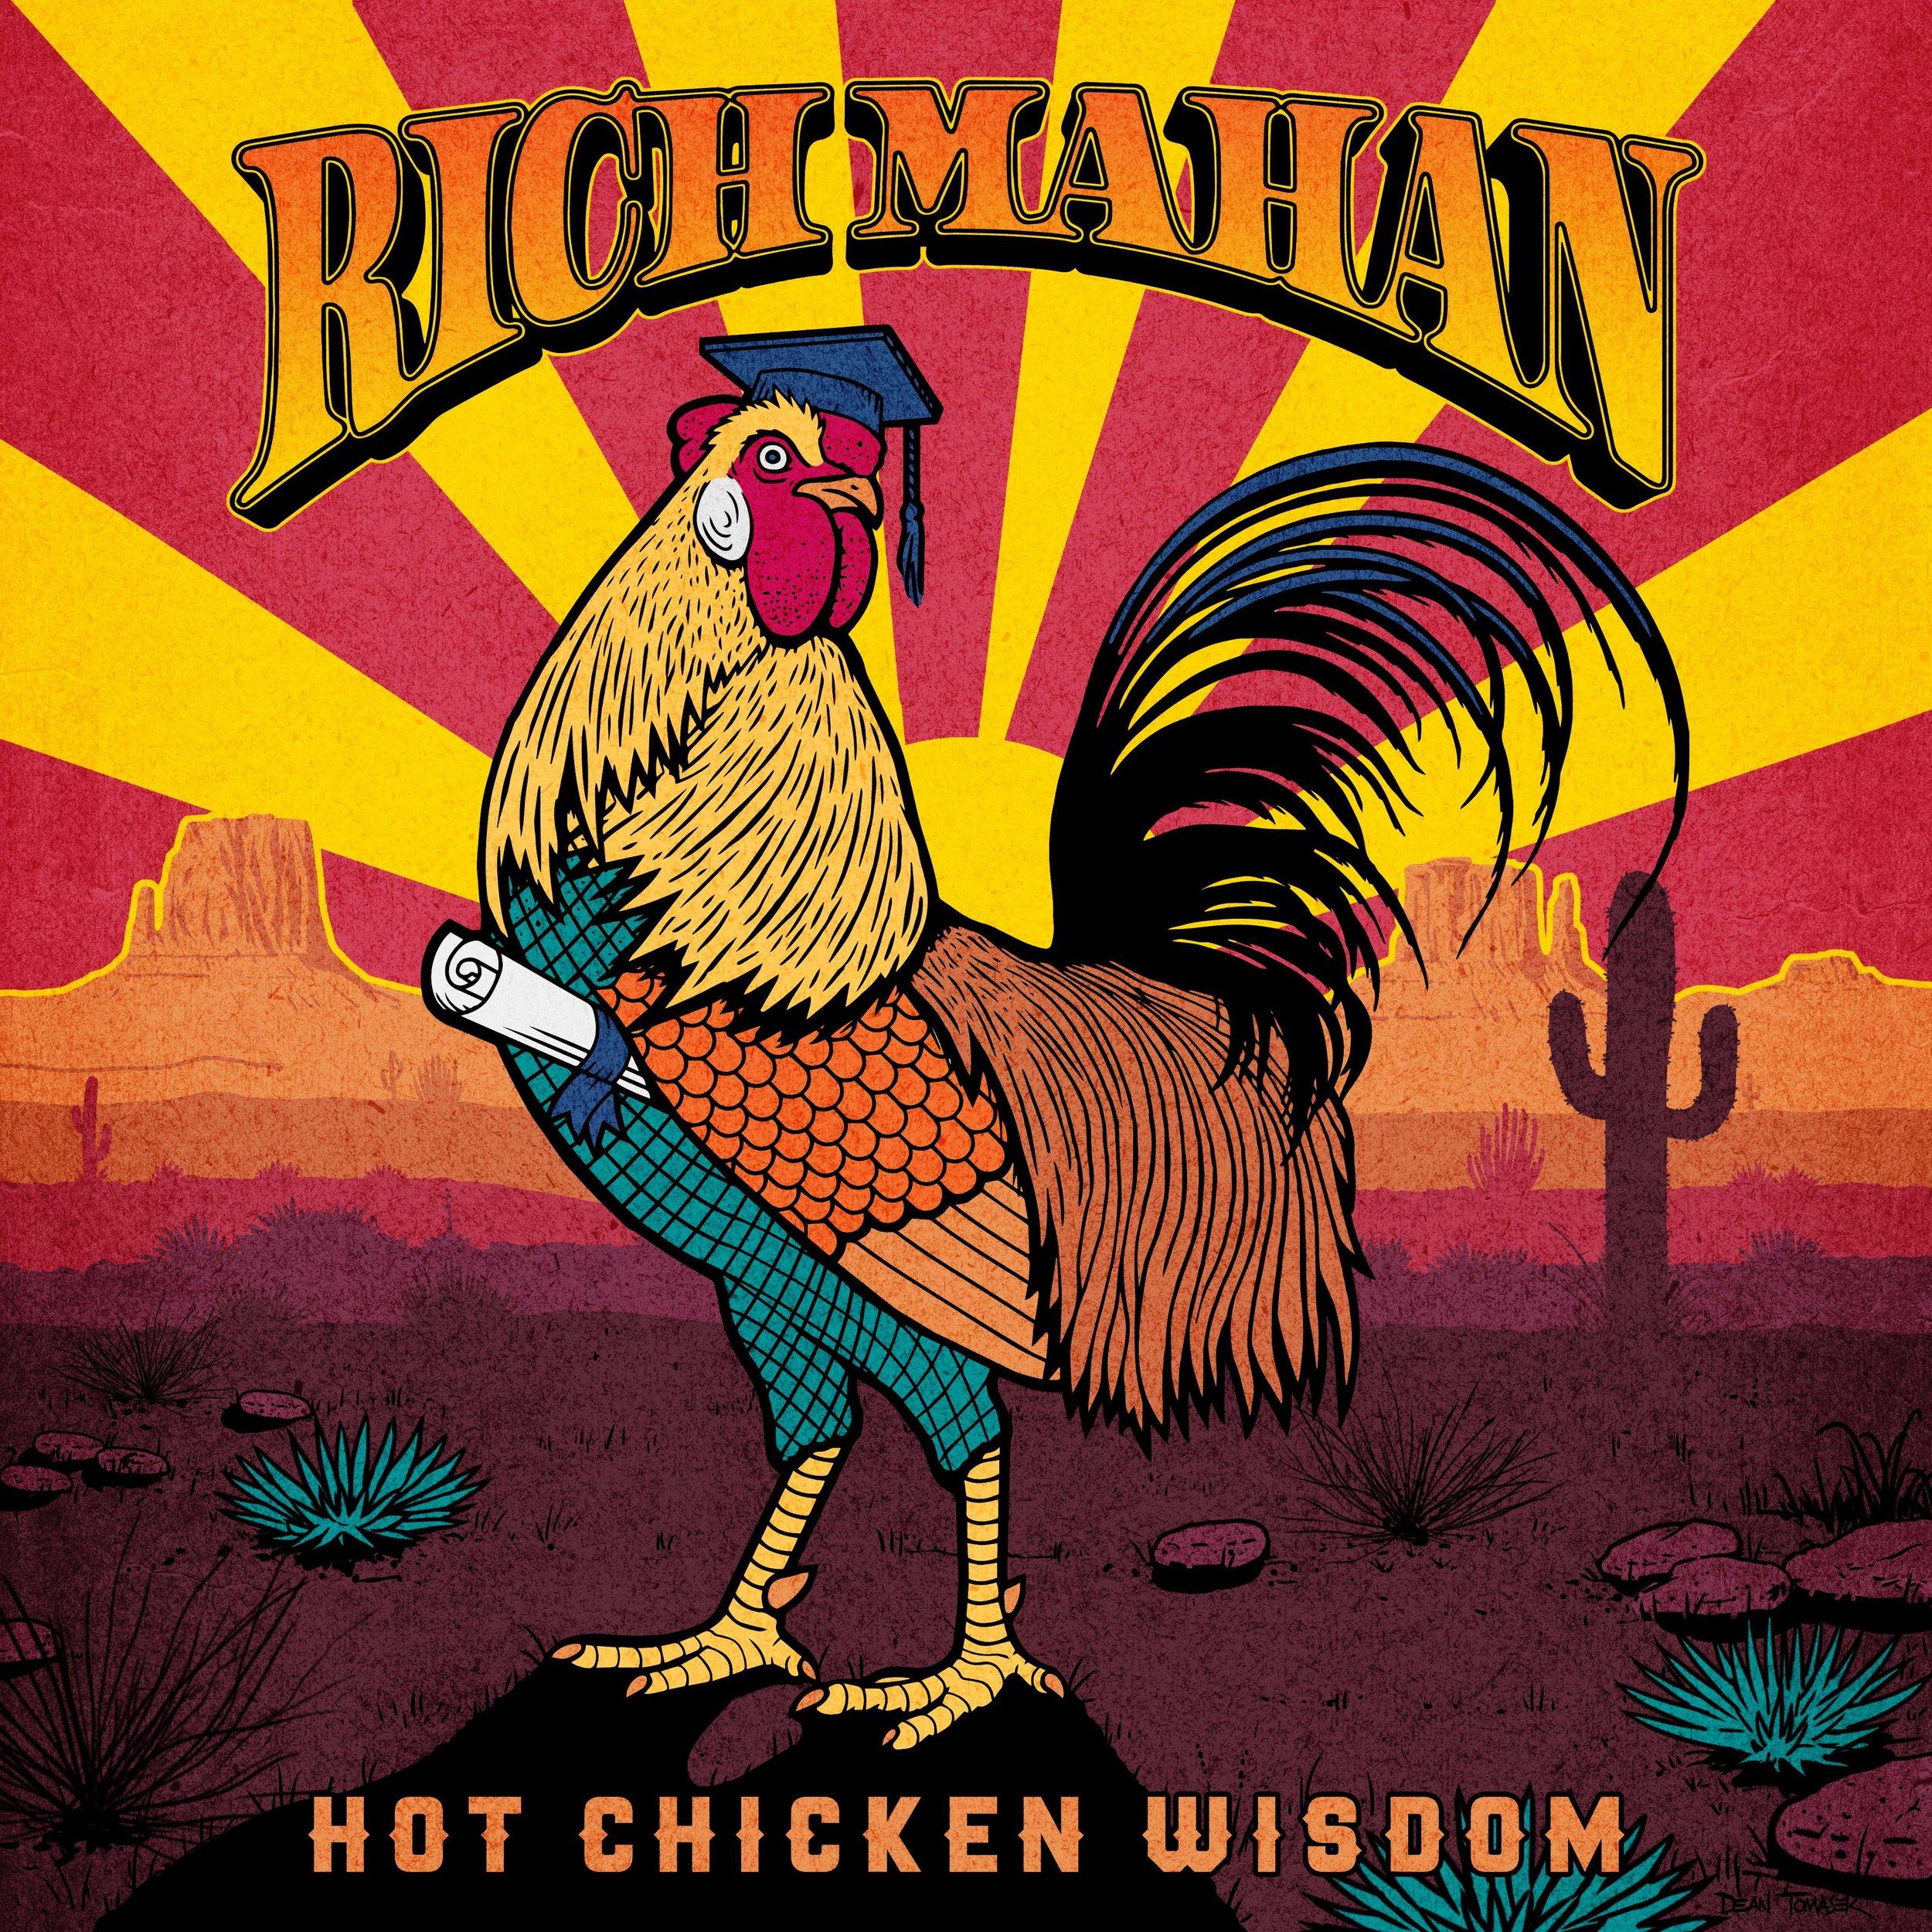 Hot Chicken Wisdom